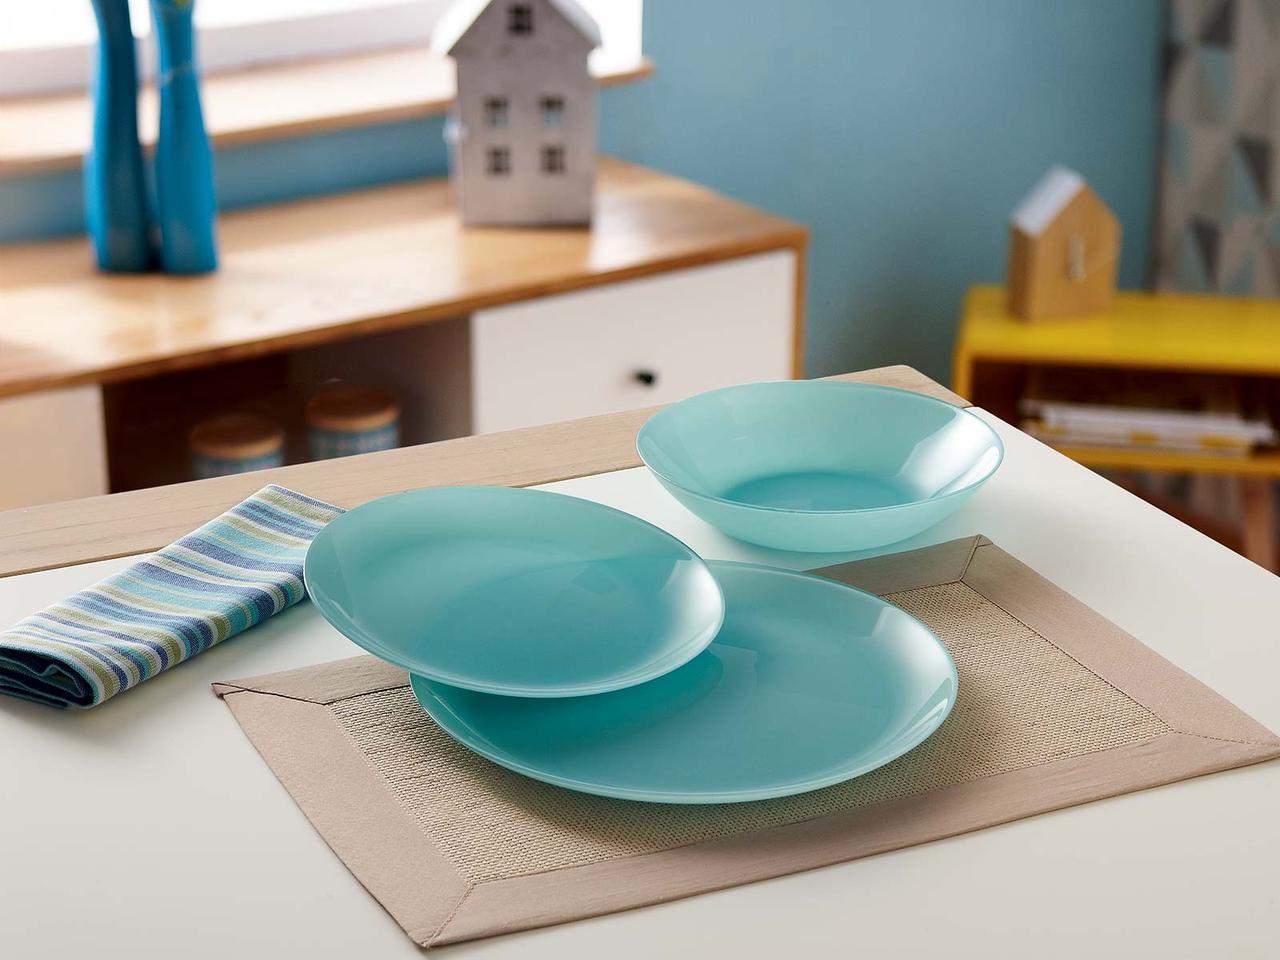 Столовый сервиз Luminarc Arty Soft Blue 18 предметов на 6 персон